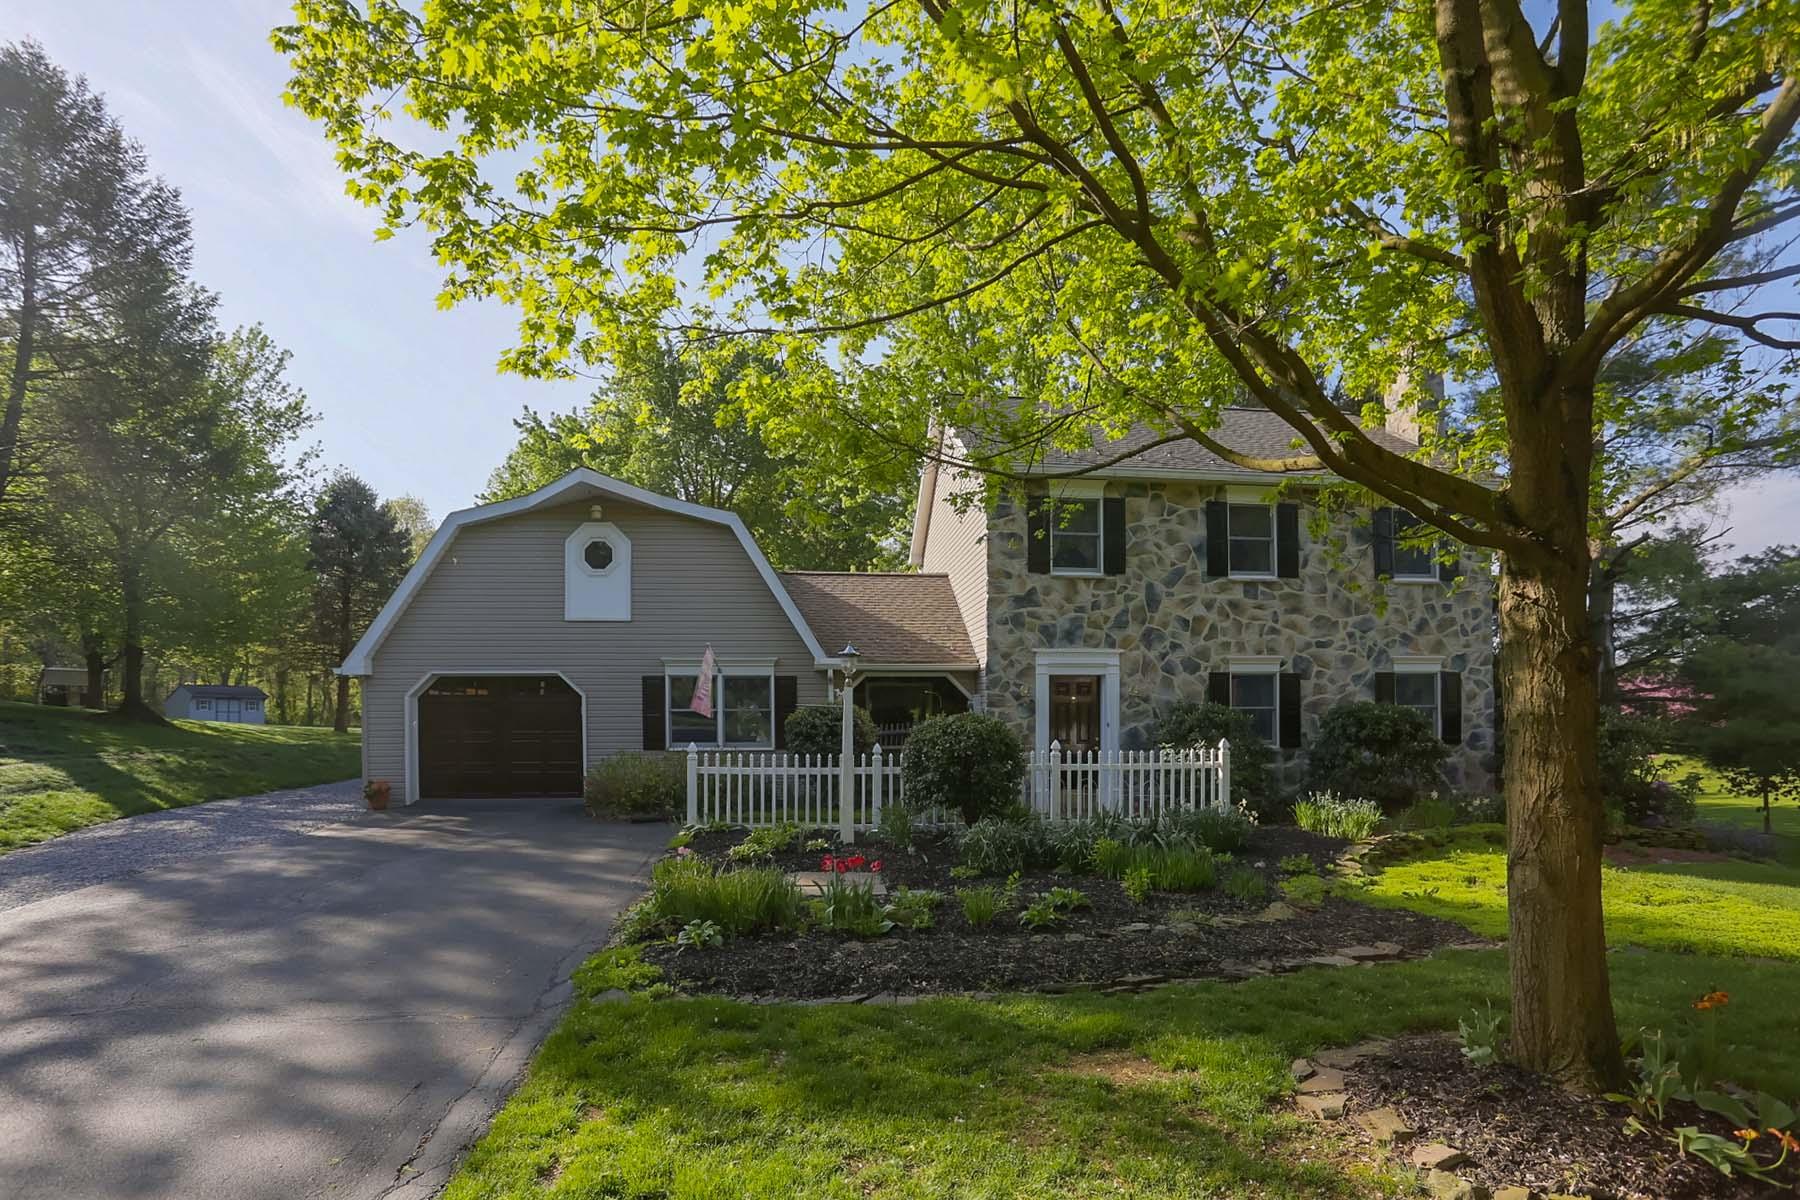 独户住宅 为 销售 在 641 Bedington Circle 曼海姆, 宾夕法尼亚州 17545 美国